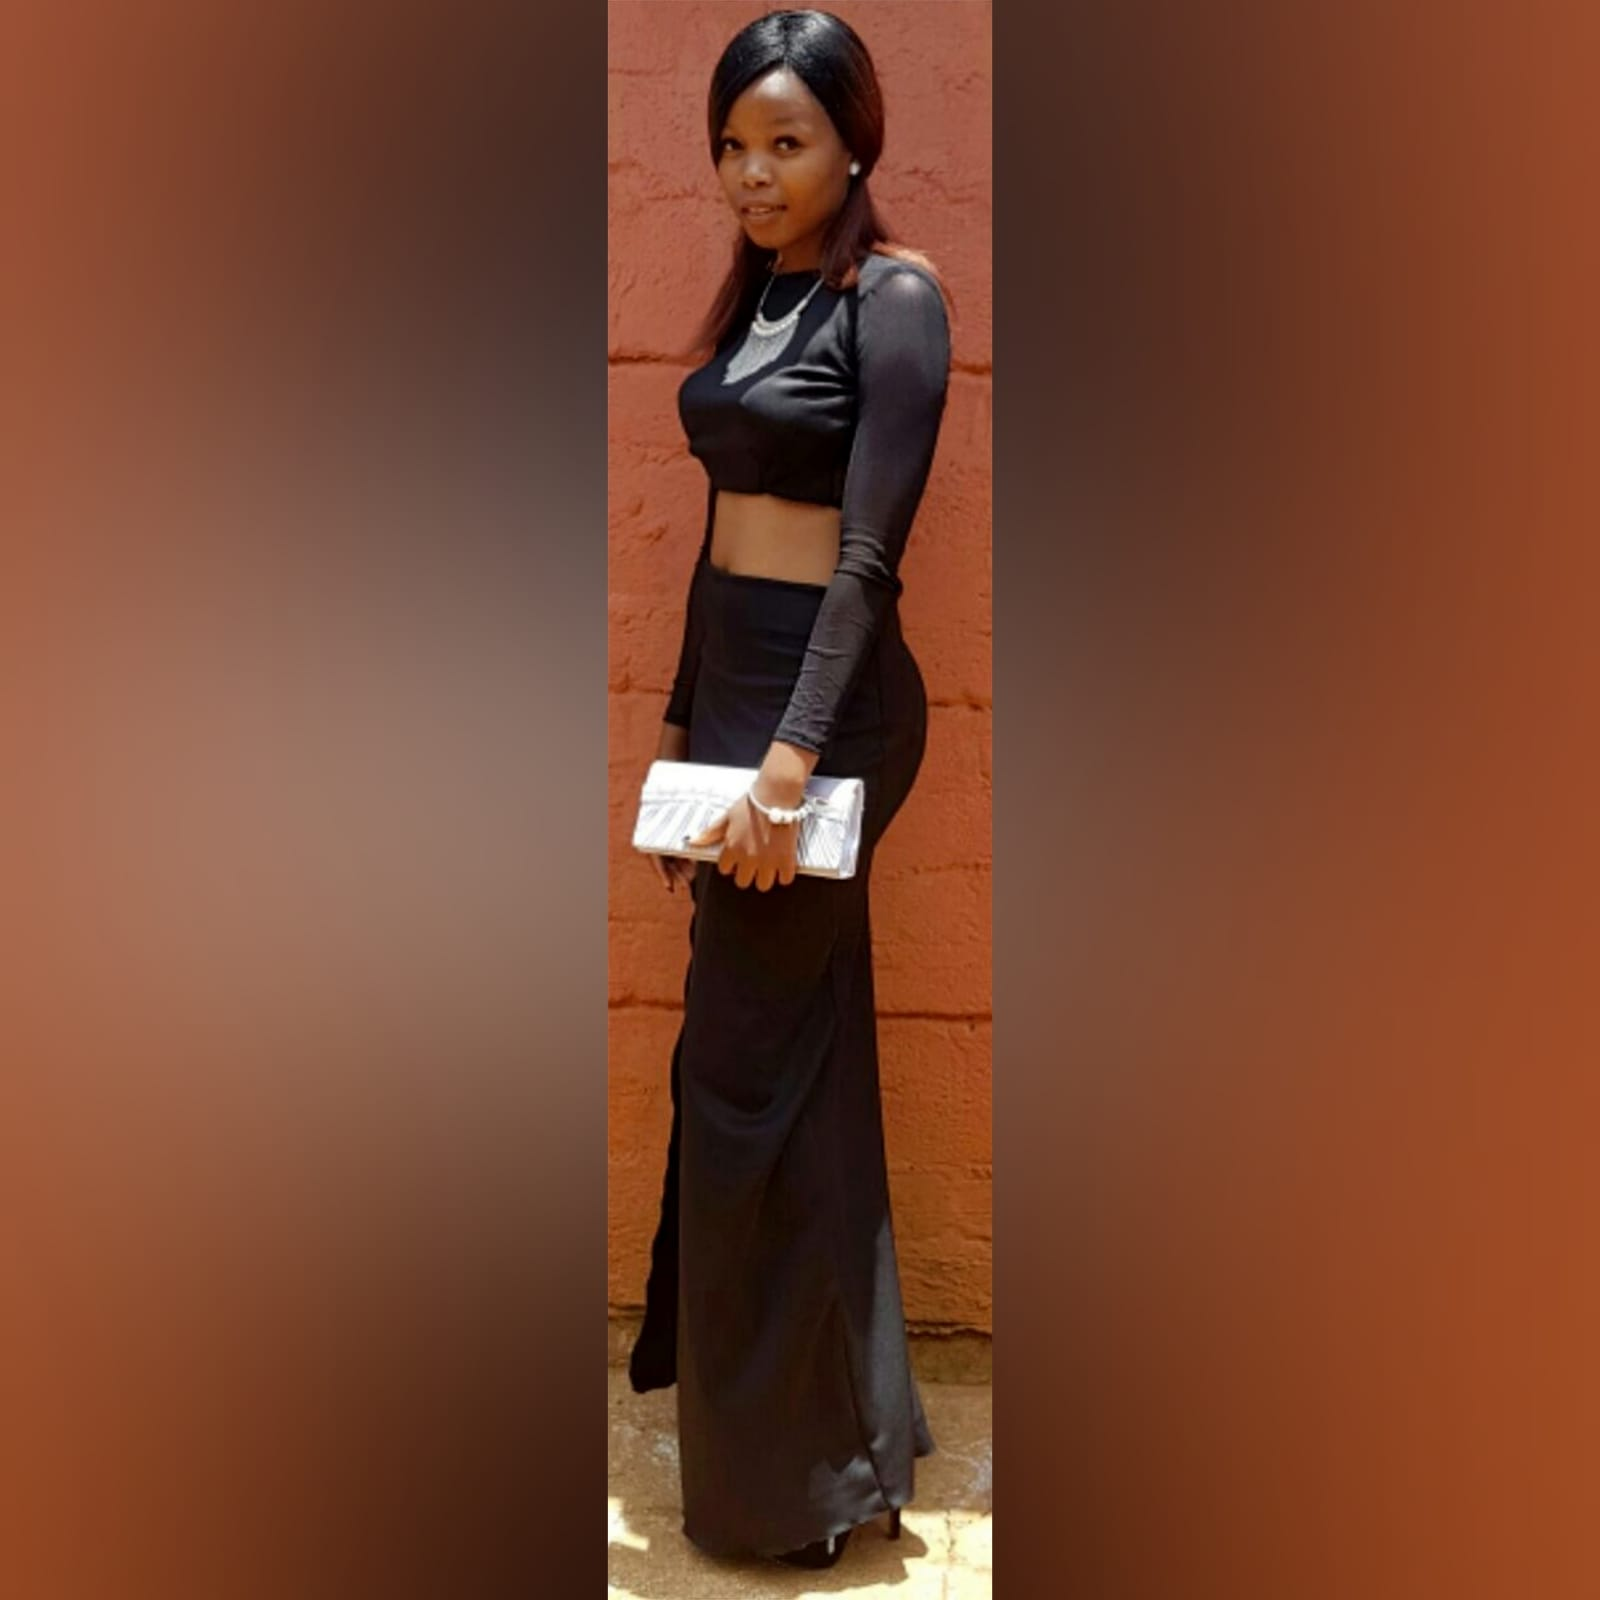 Vestido casual preto de 2 peças 2 vestido casual preto de 2 peças, com um top curto com mangas de malha translúcidas longas, com uma saia longa de lápis com uma racha